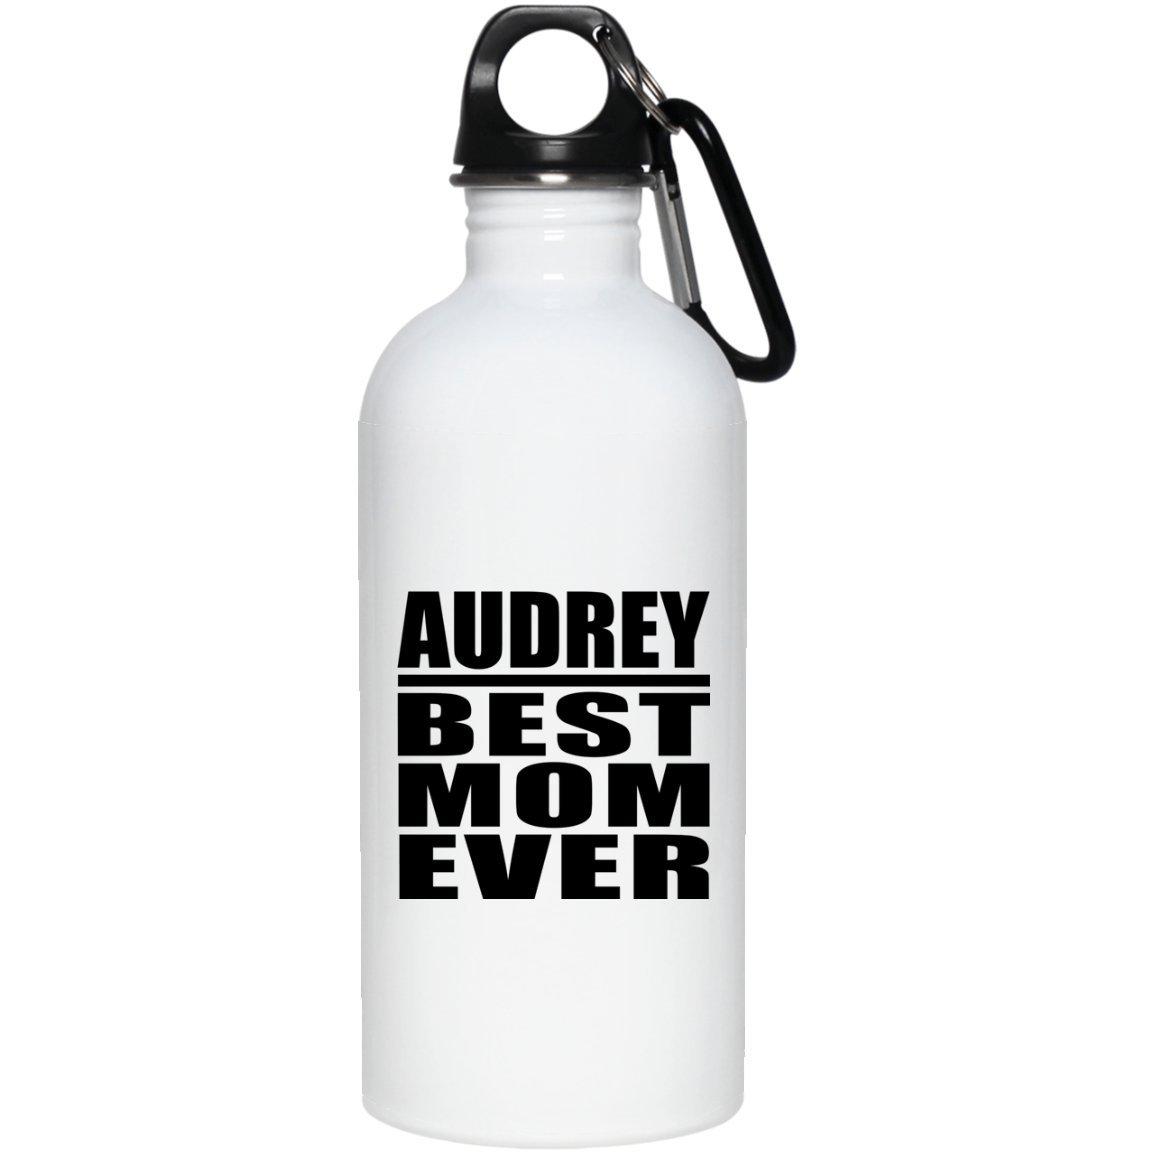 Audrey Best Mom Ever - Water Bottle Borraccia Acciaio Inossidabile Termico - Regalo per Compleanno Anniversario Festa della Mamma del papà Pasqua